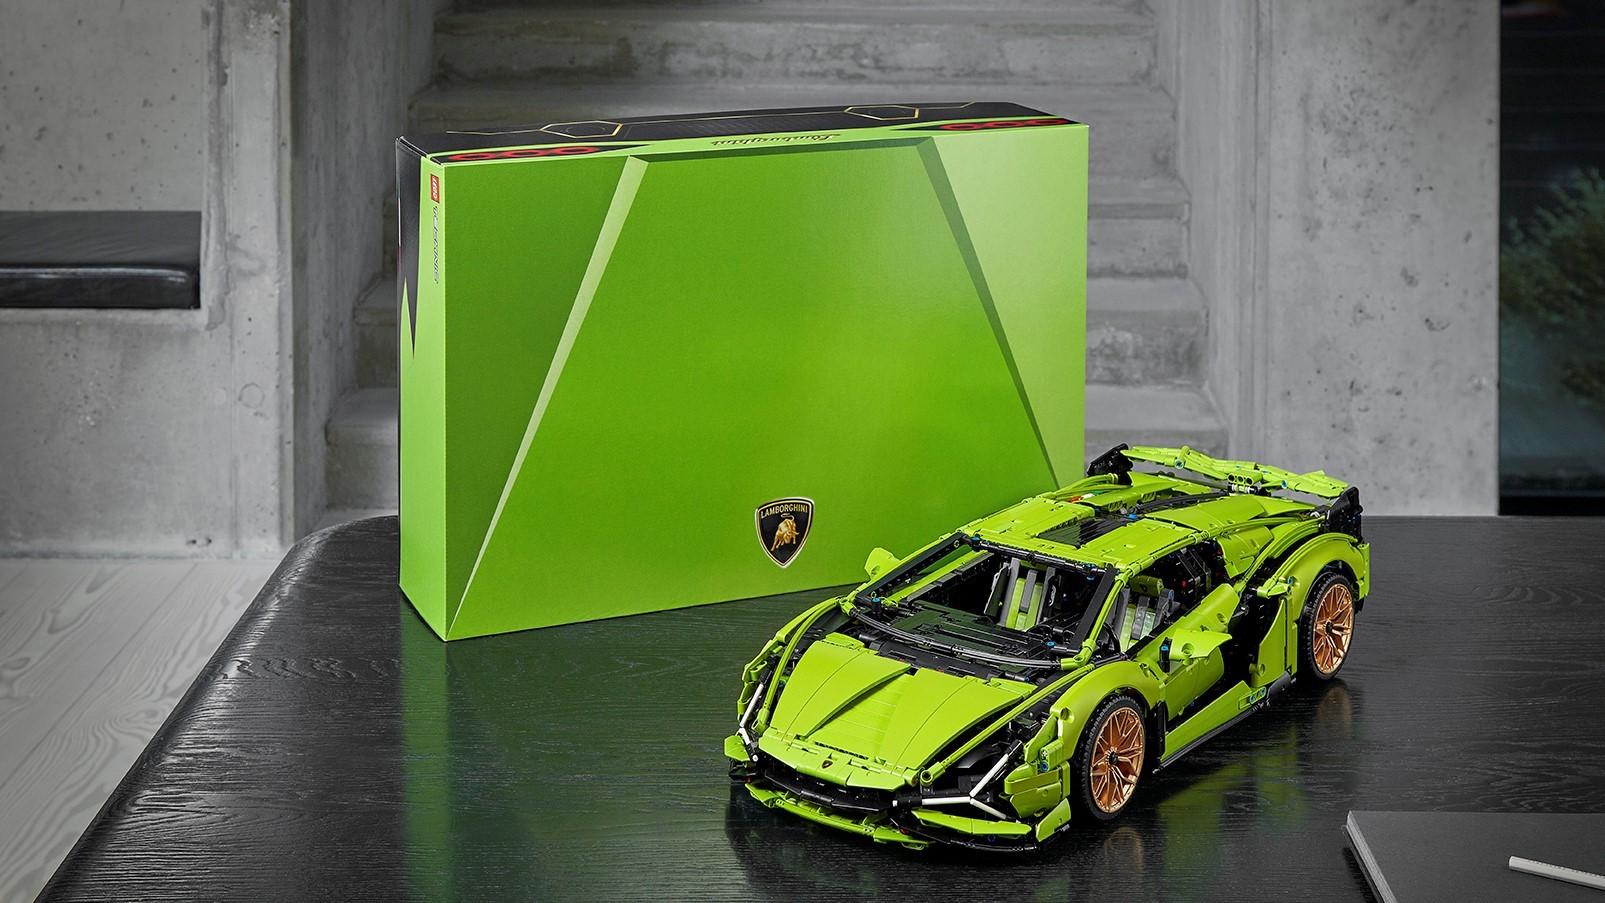 Automobili Lamborghini and the LEGO Group recreate the Lamborghini Sián FKP 37: the most powerful Lamborghini produced, in LEGO® Technic™ - Image 7